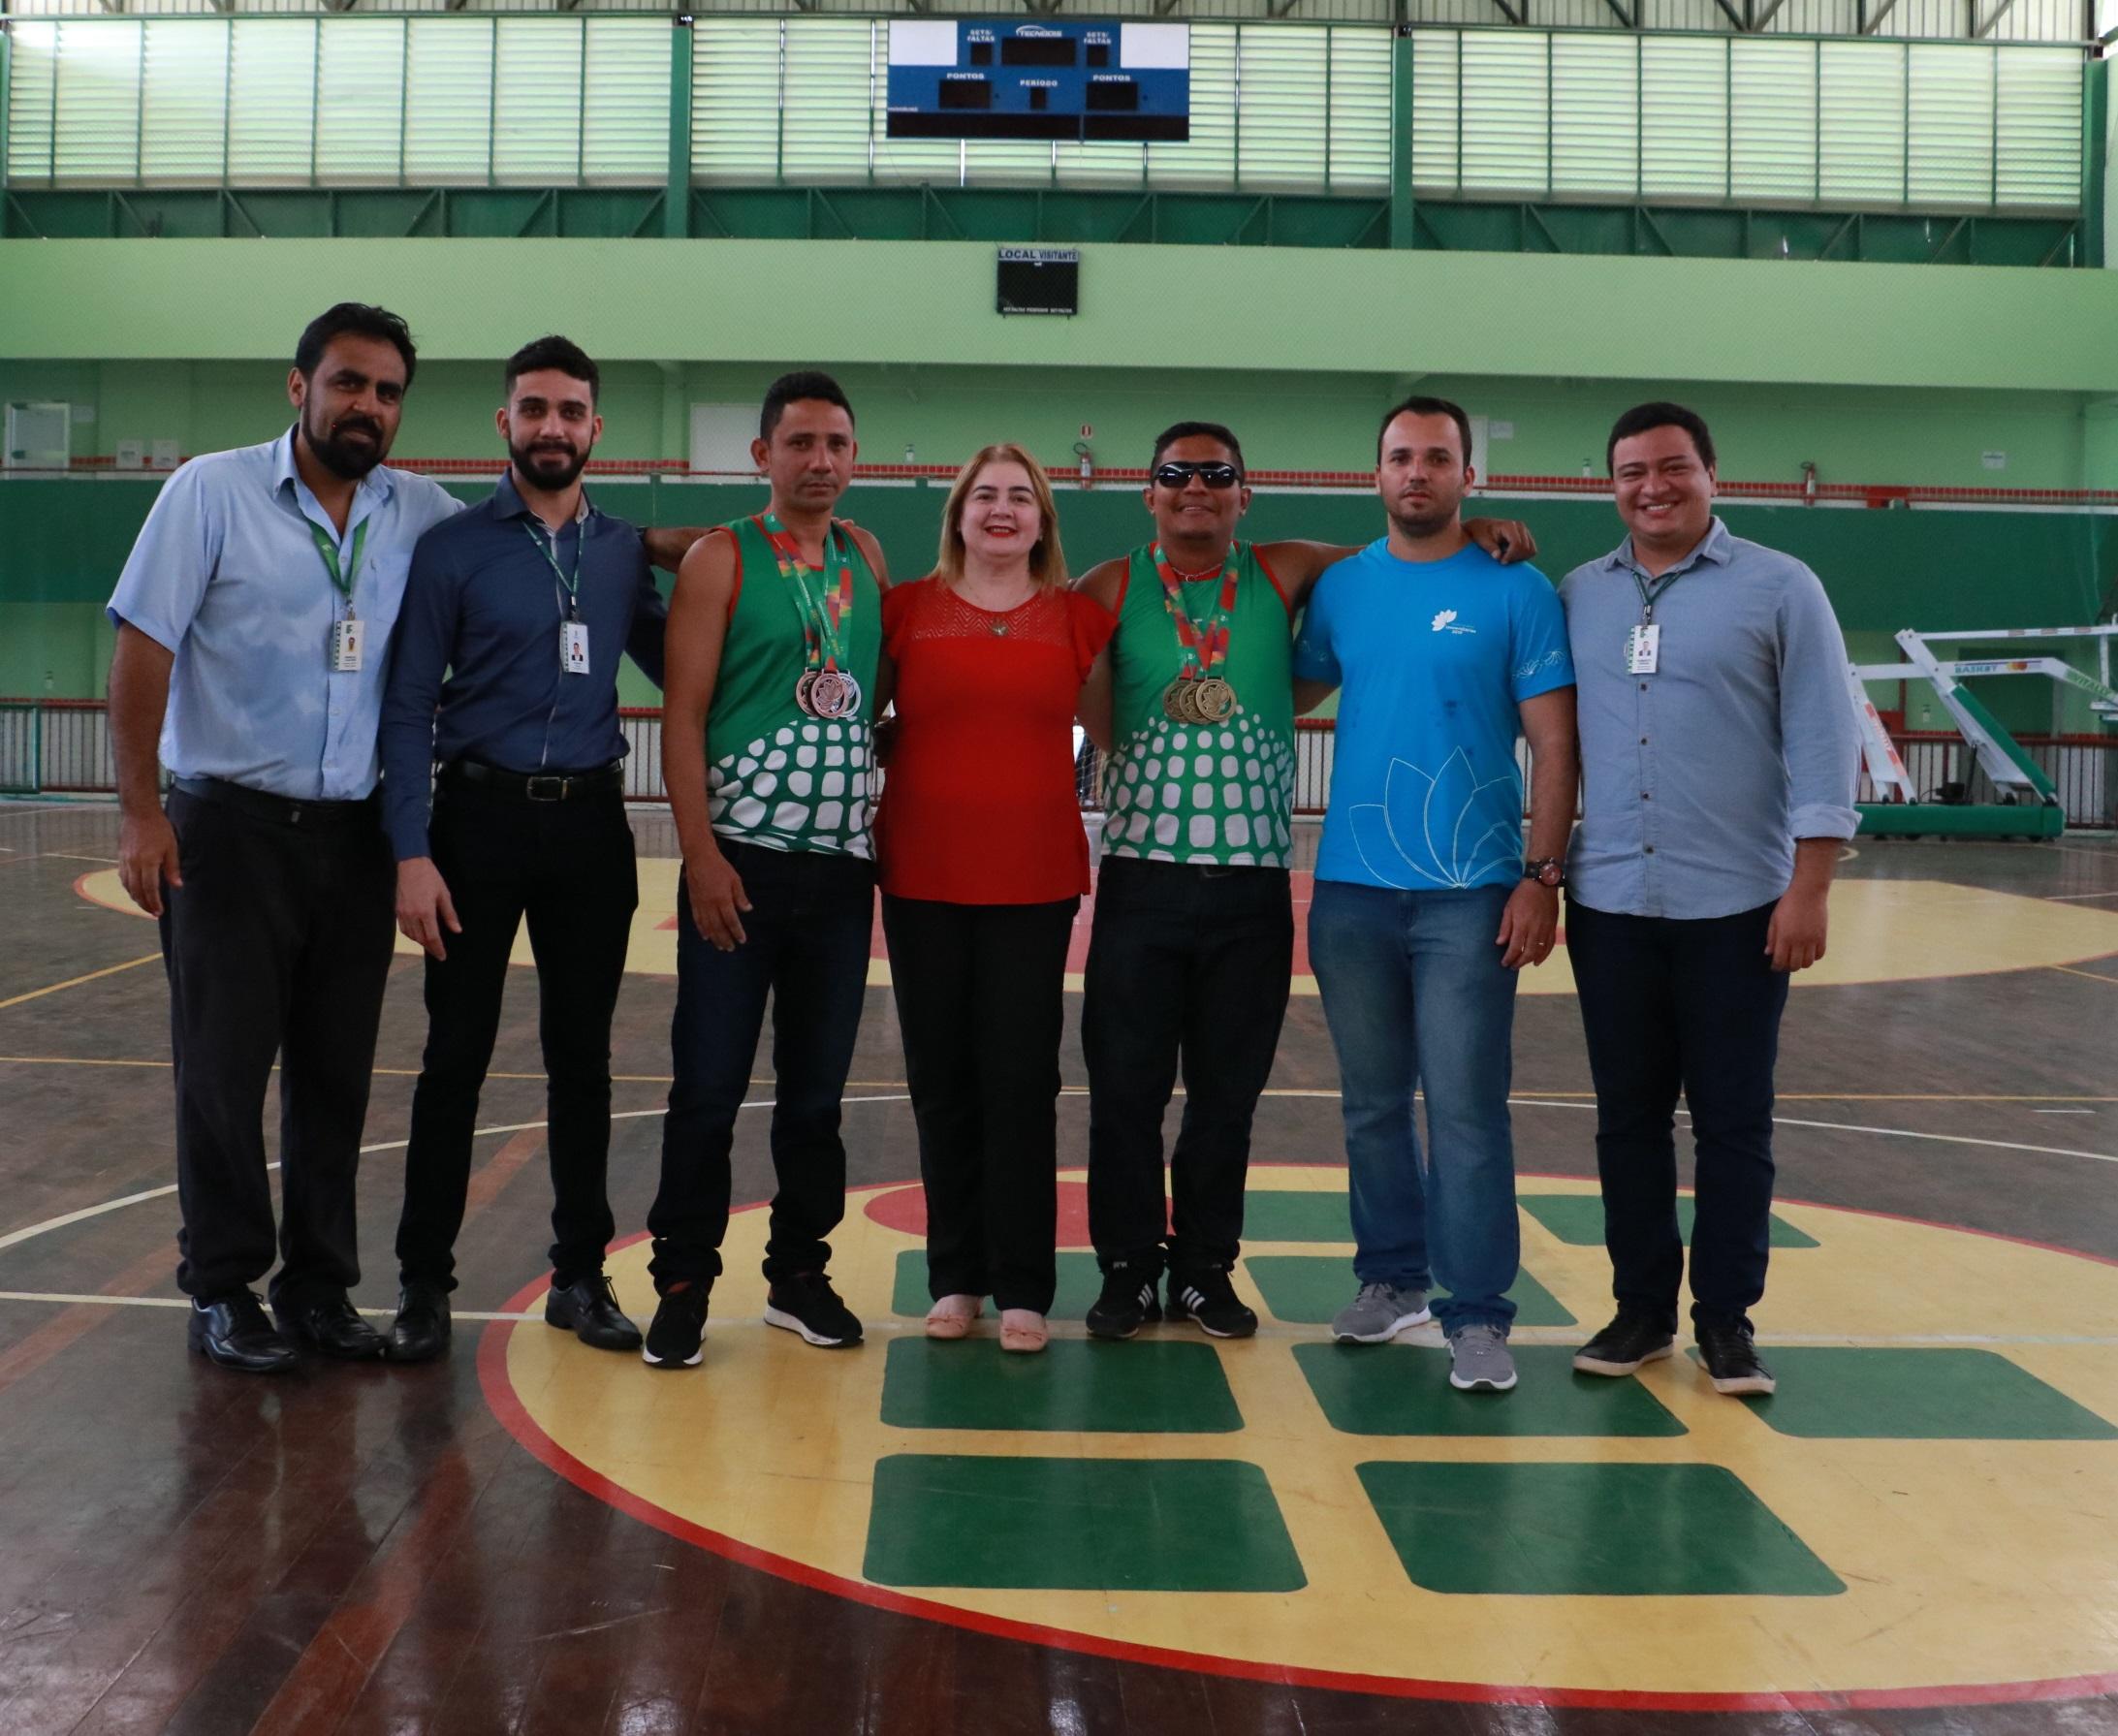 Reitora do Ifap com os atletas e integrantes da equipe. Foto: Suely Leitão (Deice/Ifap)